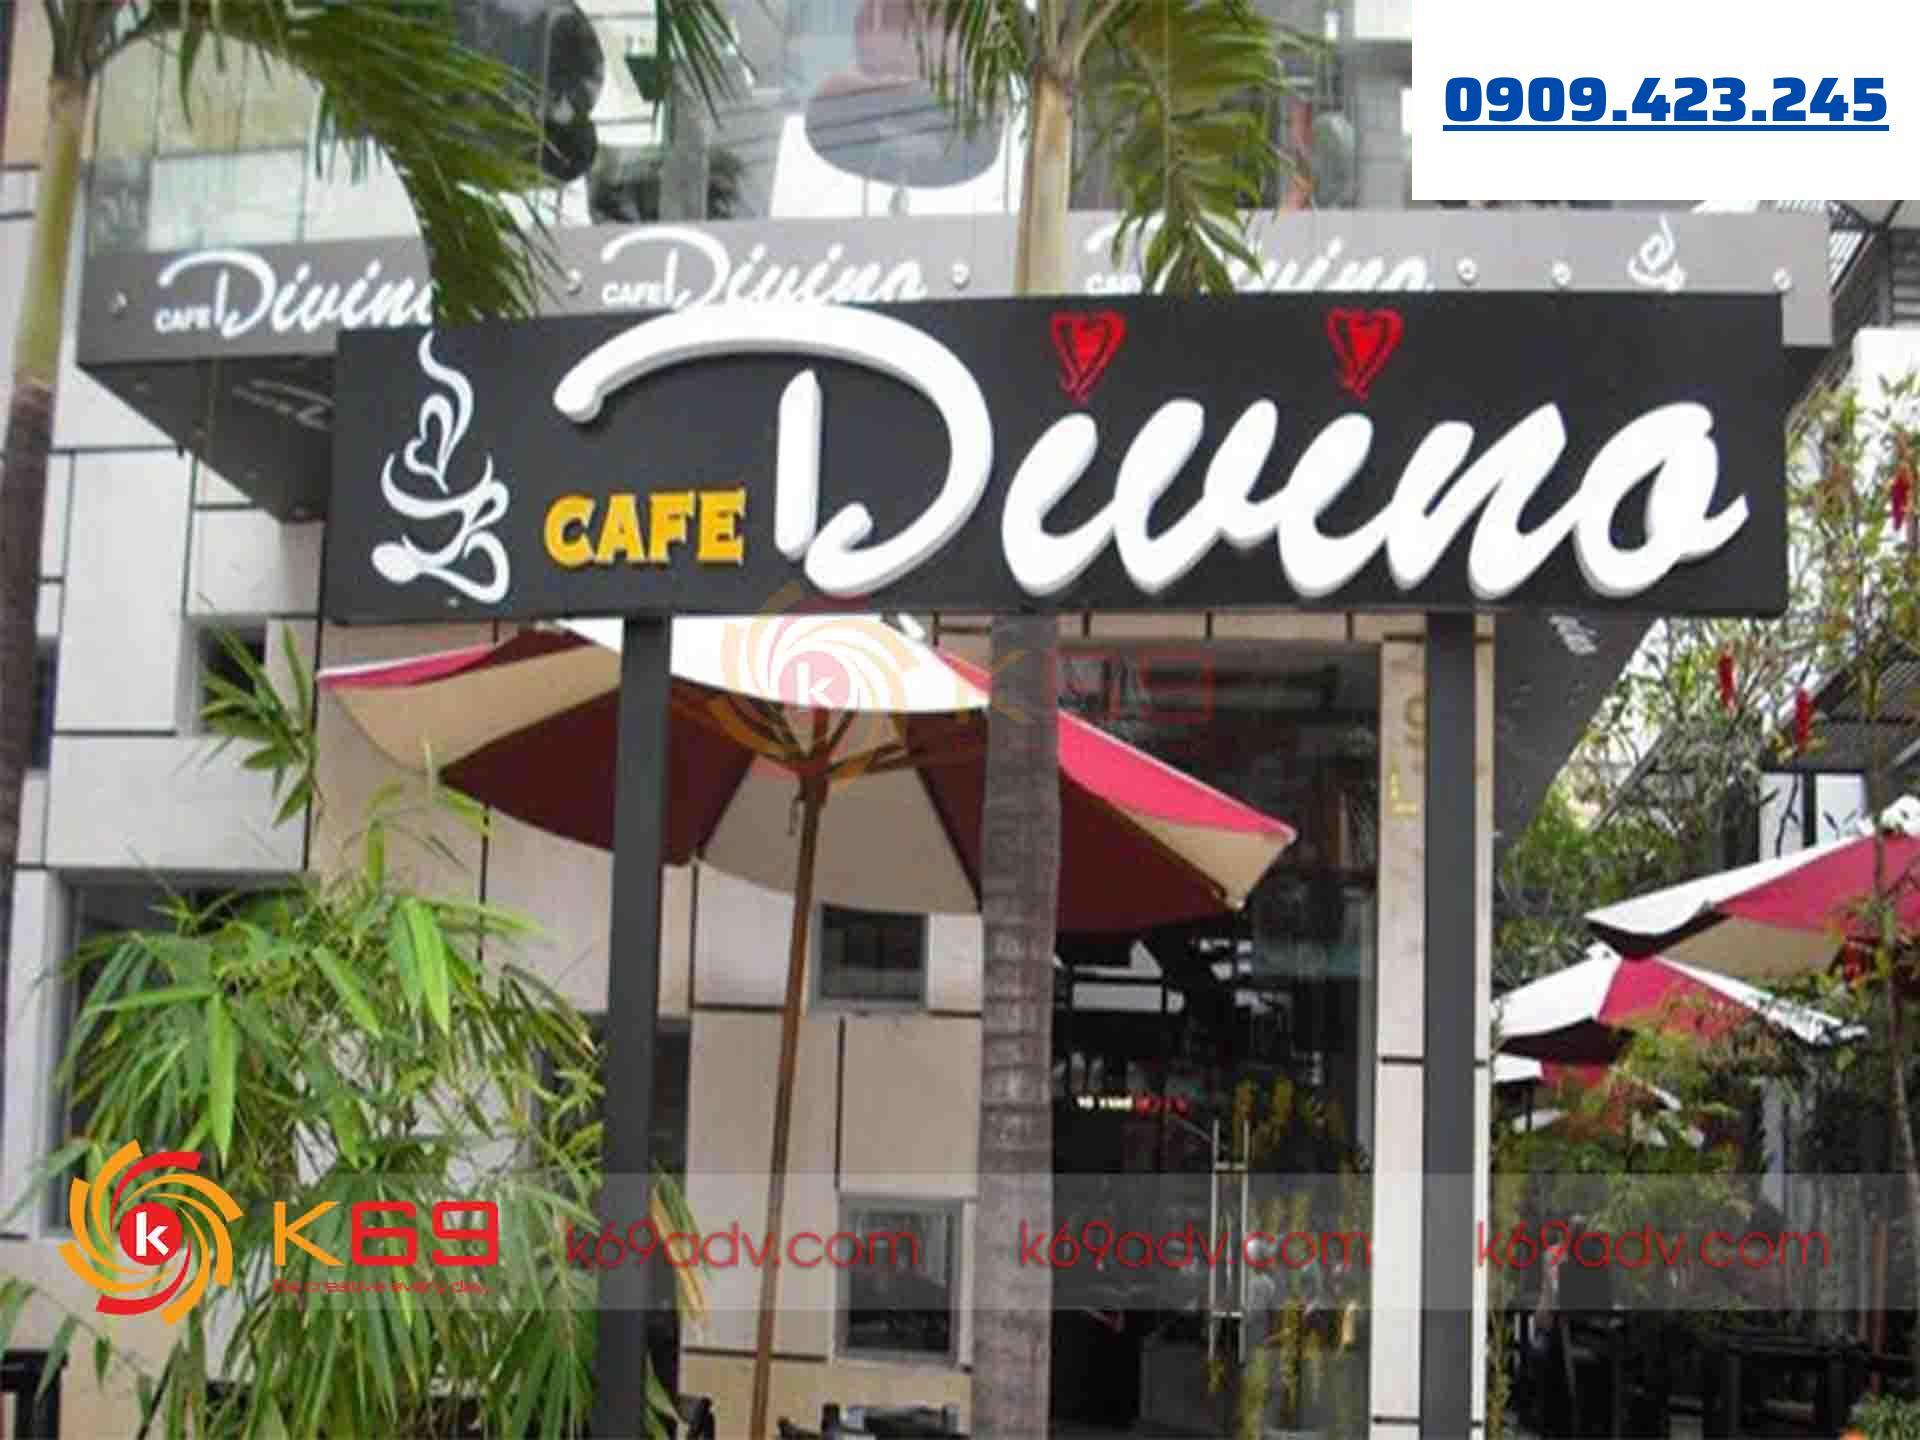 Mẫu bảng hiệu cafe đẹp chữ nổi tại K69ADV